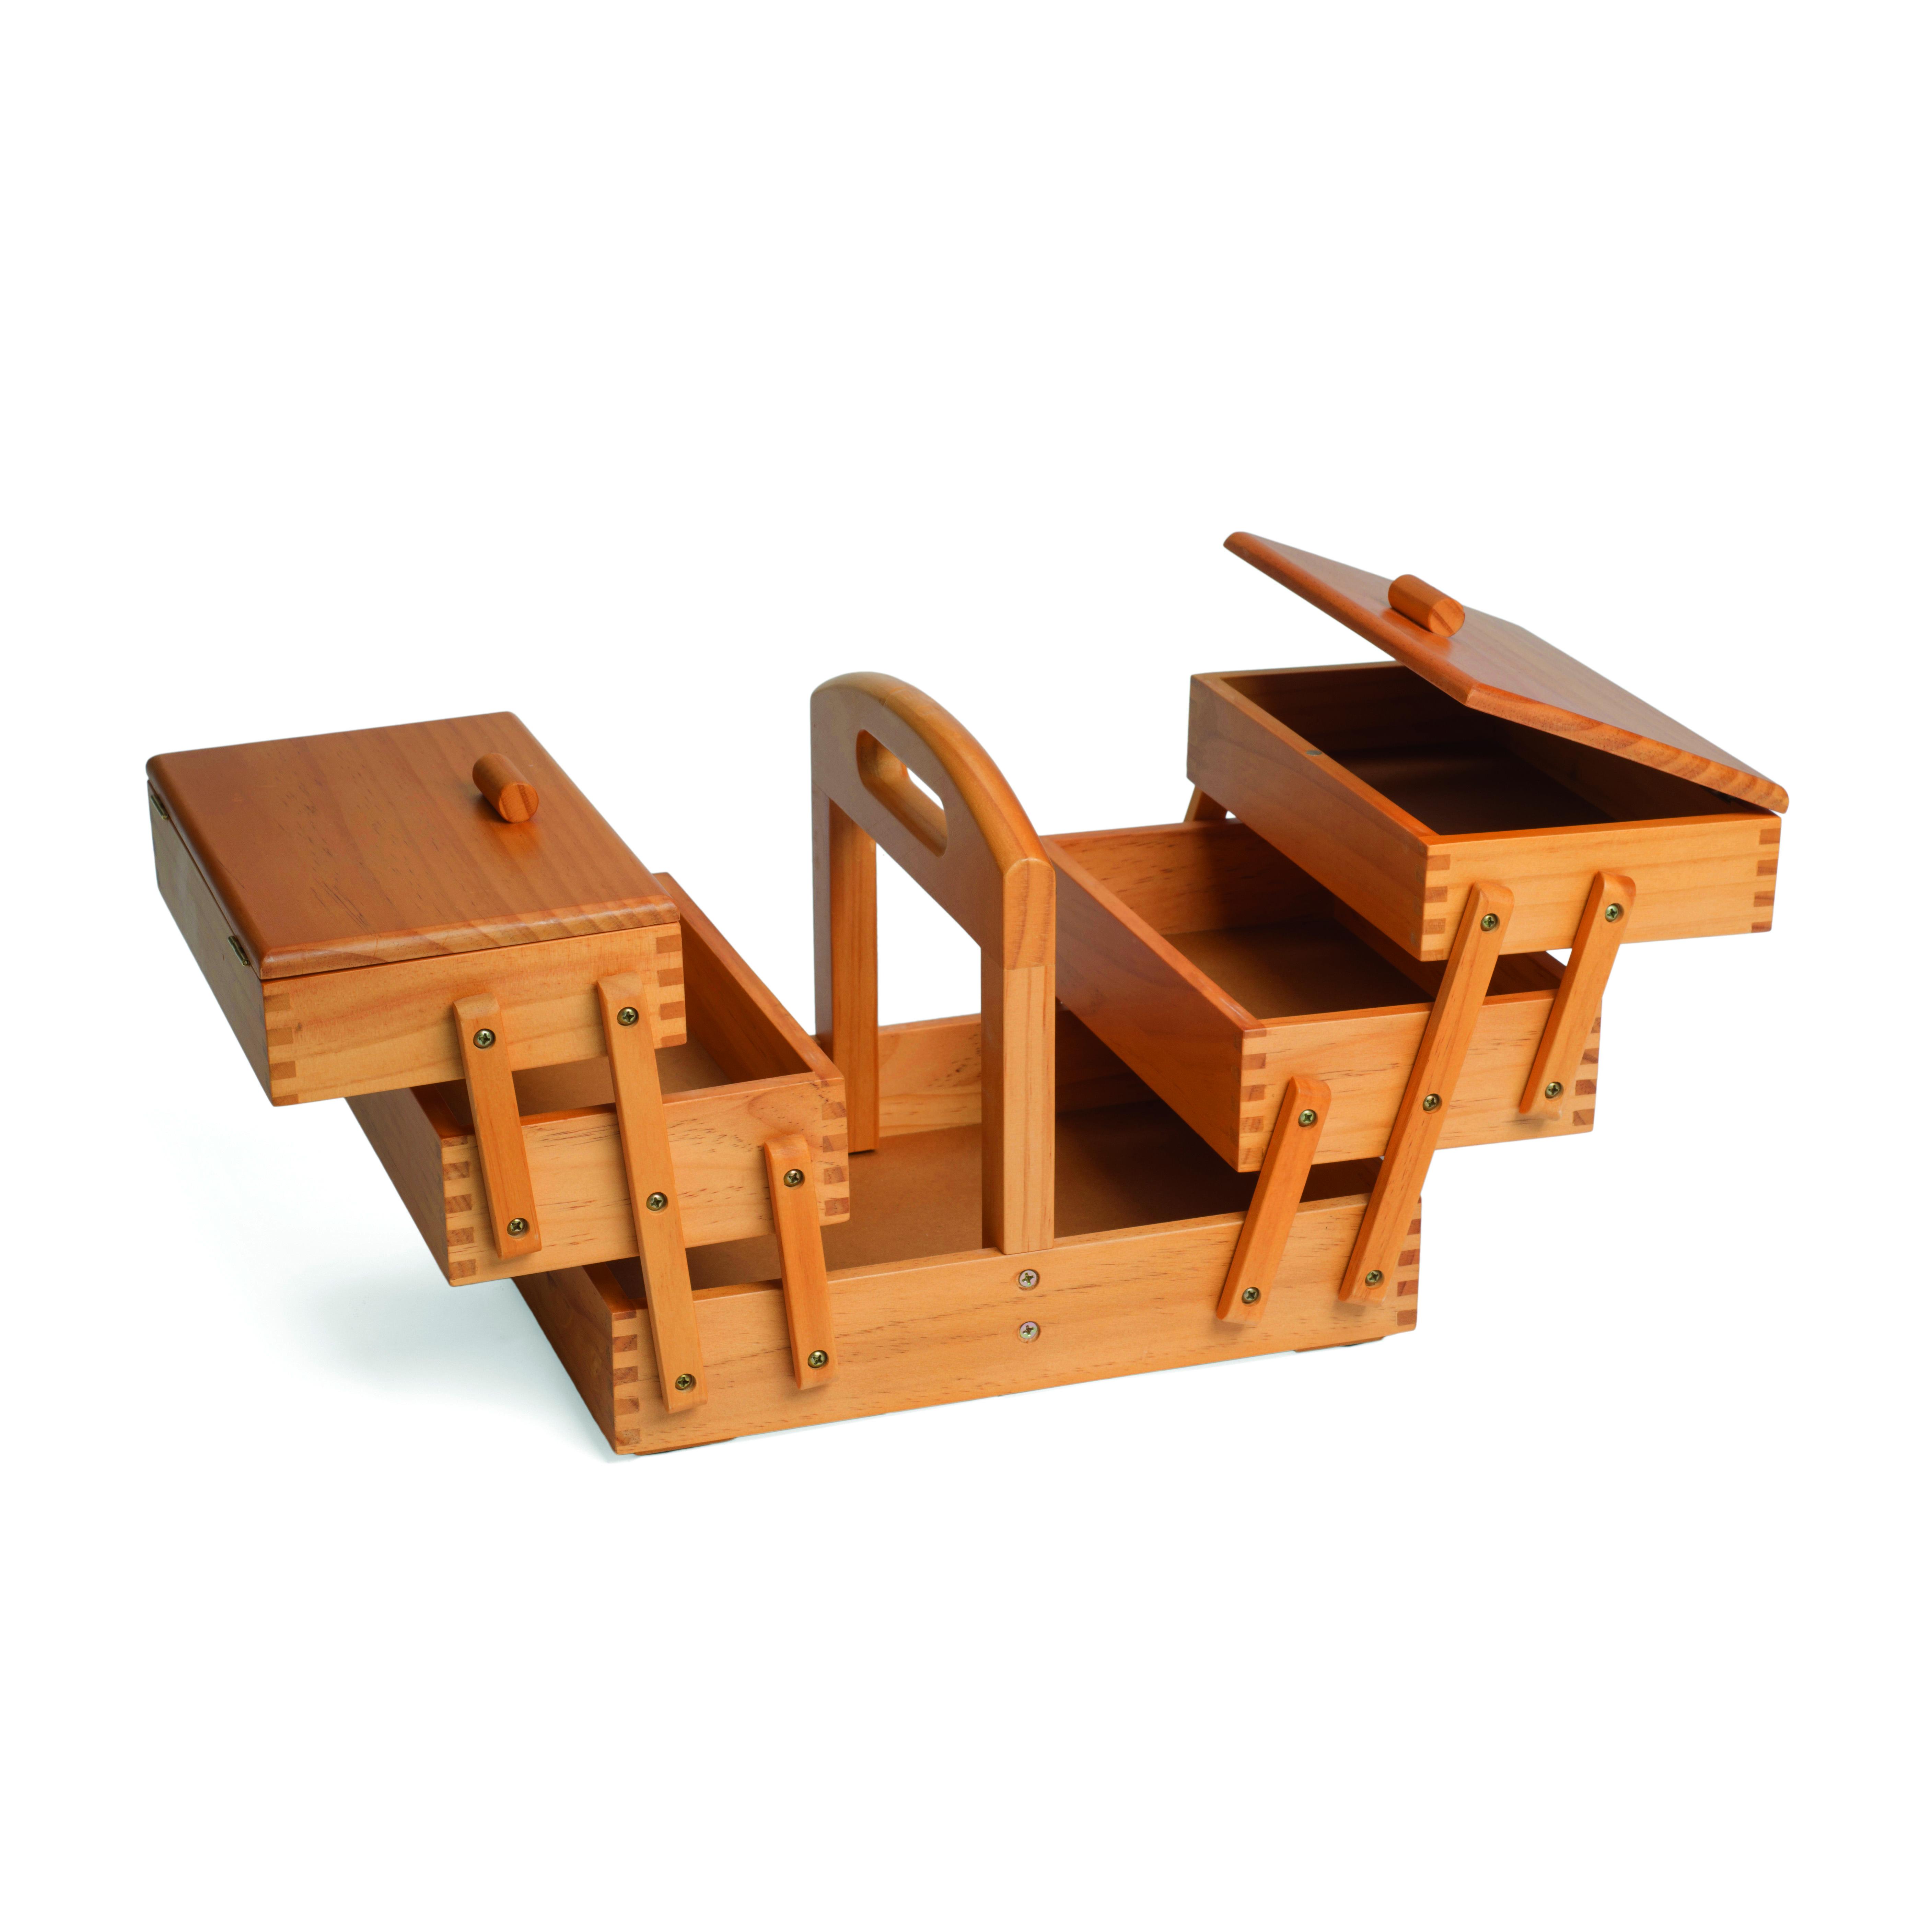 kazeta na šití dřevěná 31x23x24cm-1